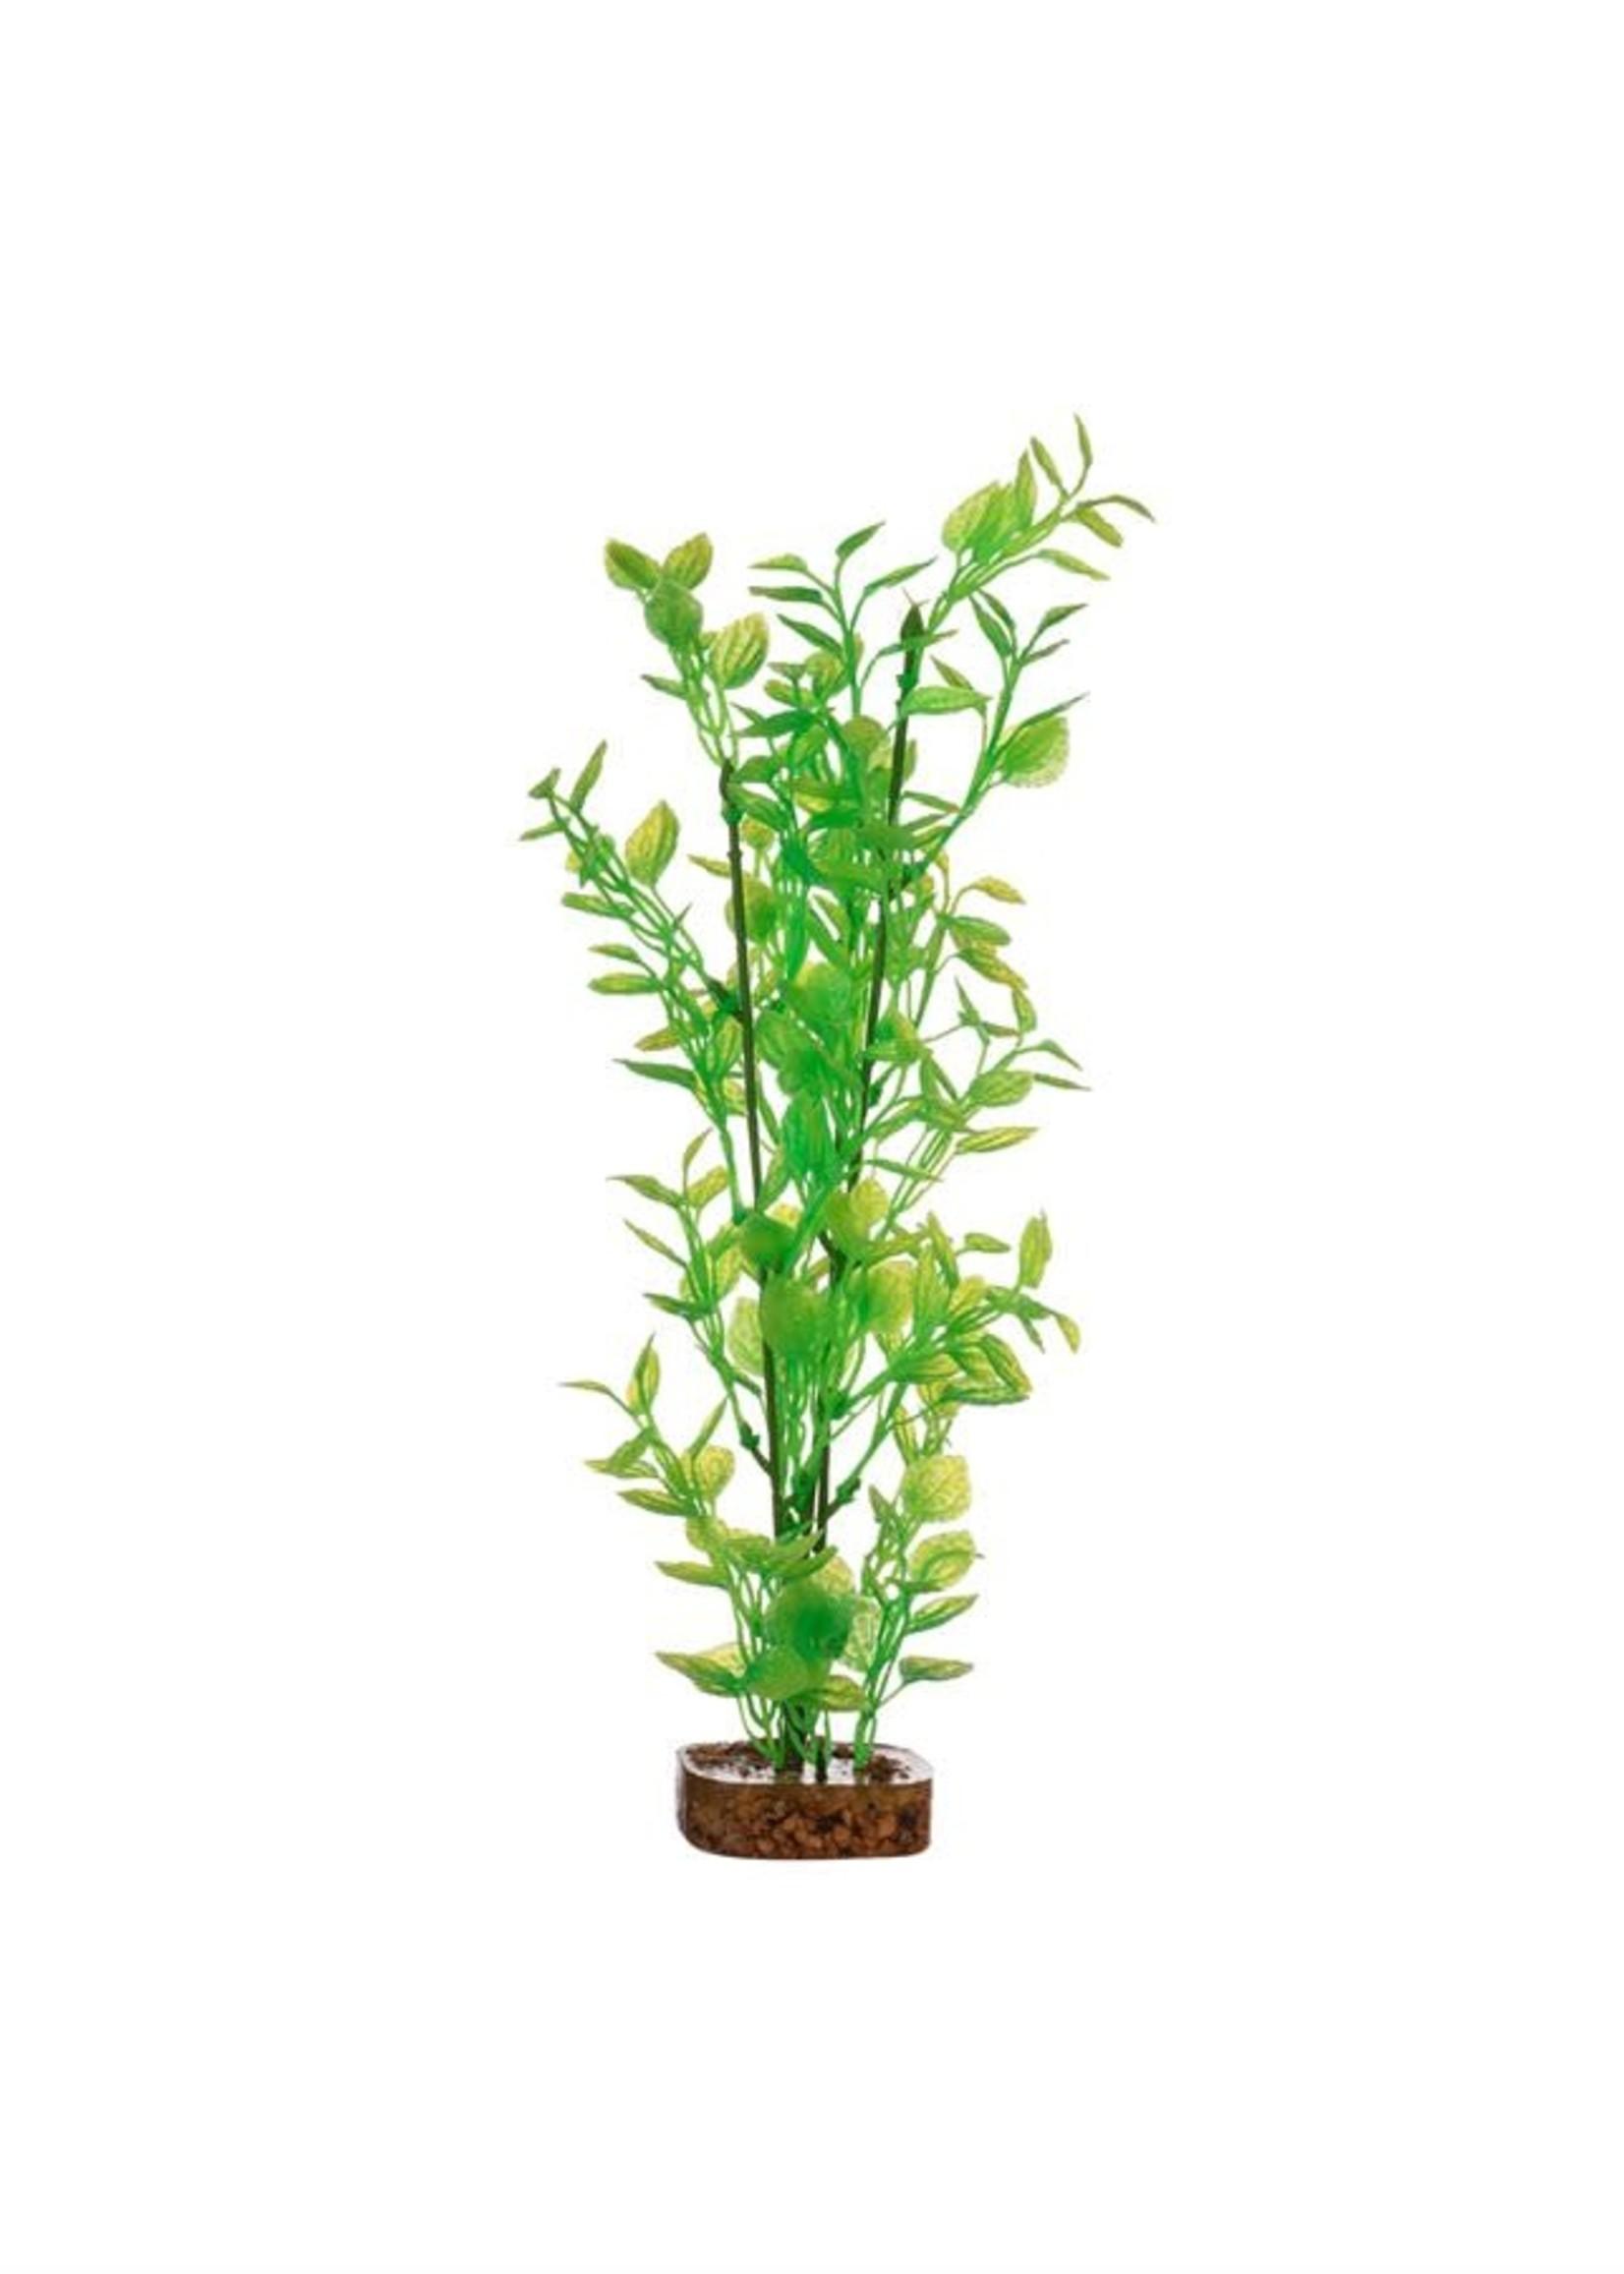 GloFish® GloFish® Weighted Plant Large